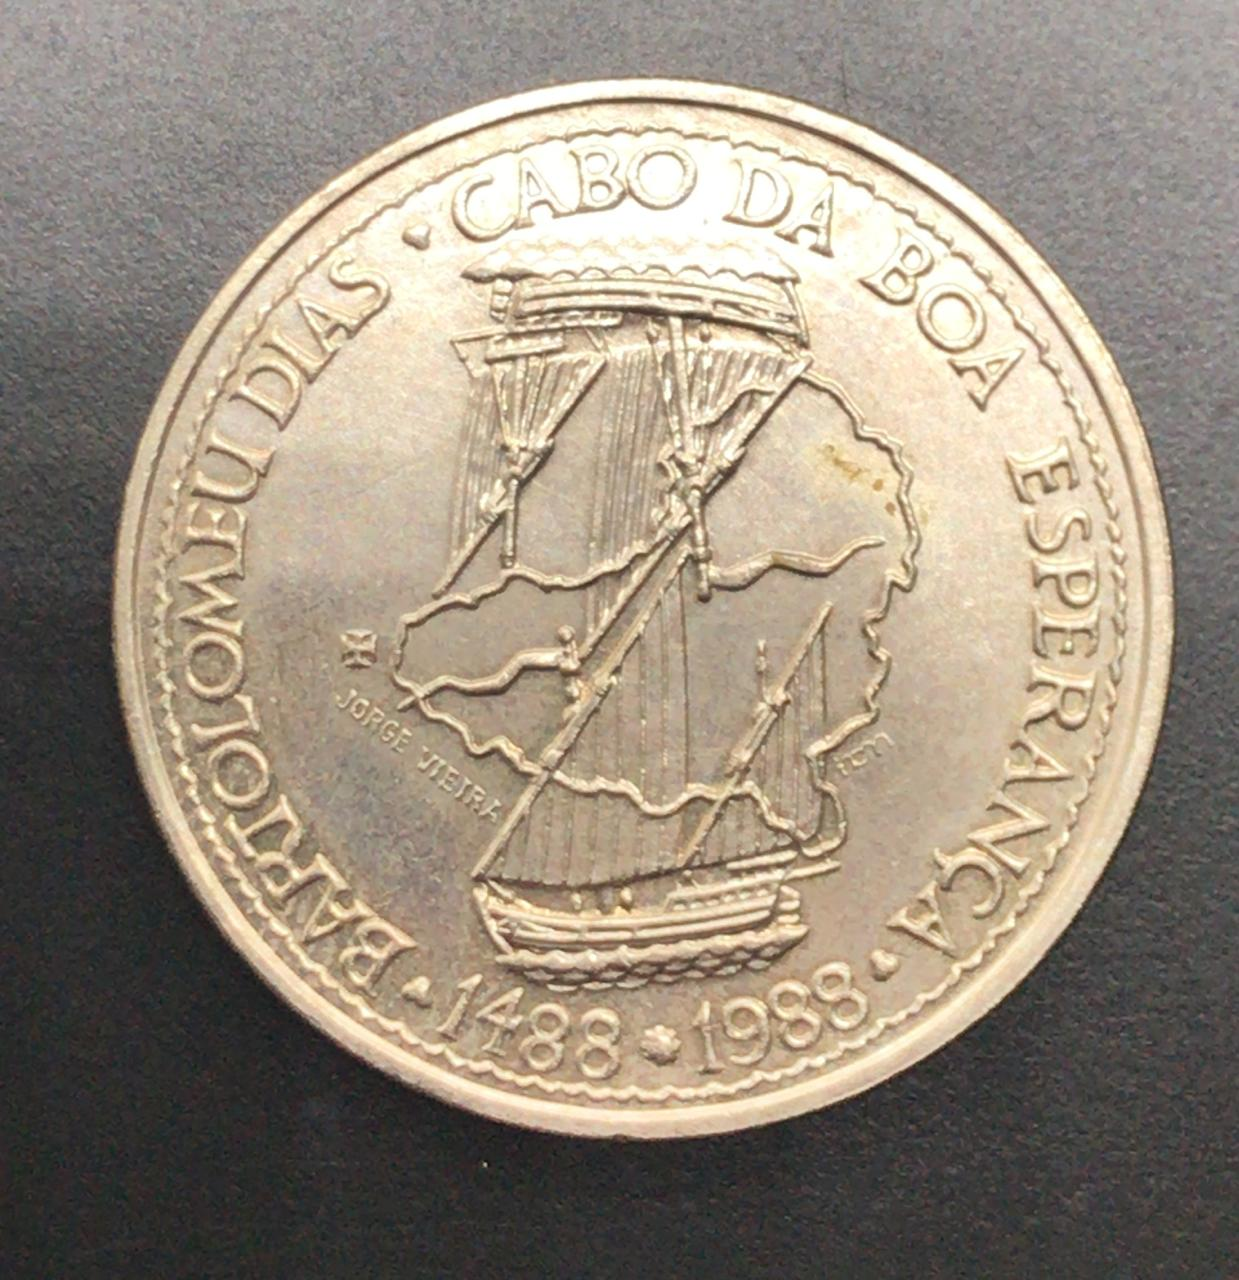 Moeda de Portugal Bartolomeu Dias 100 Escudos 1988 SOB